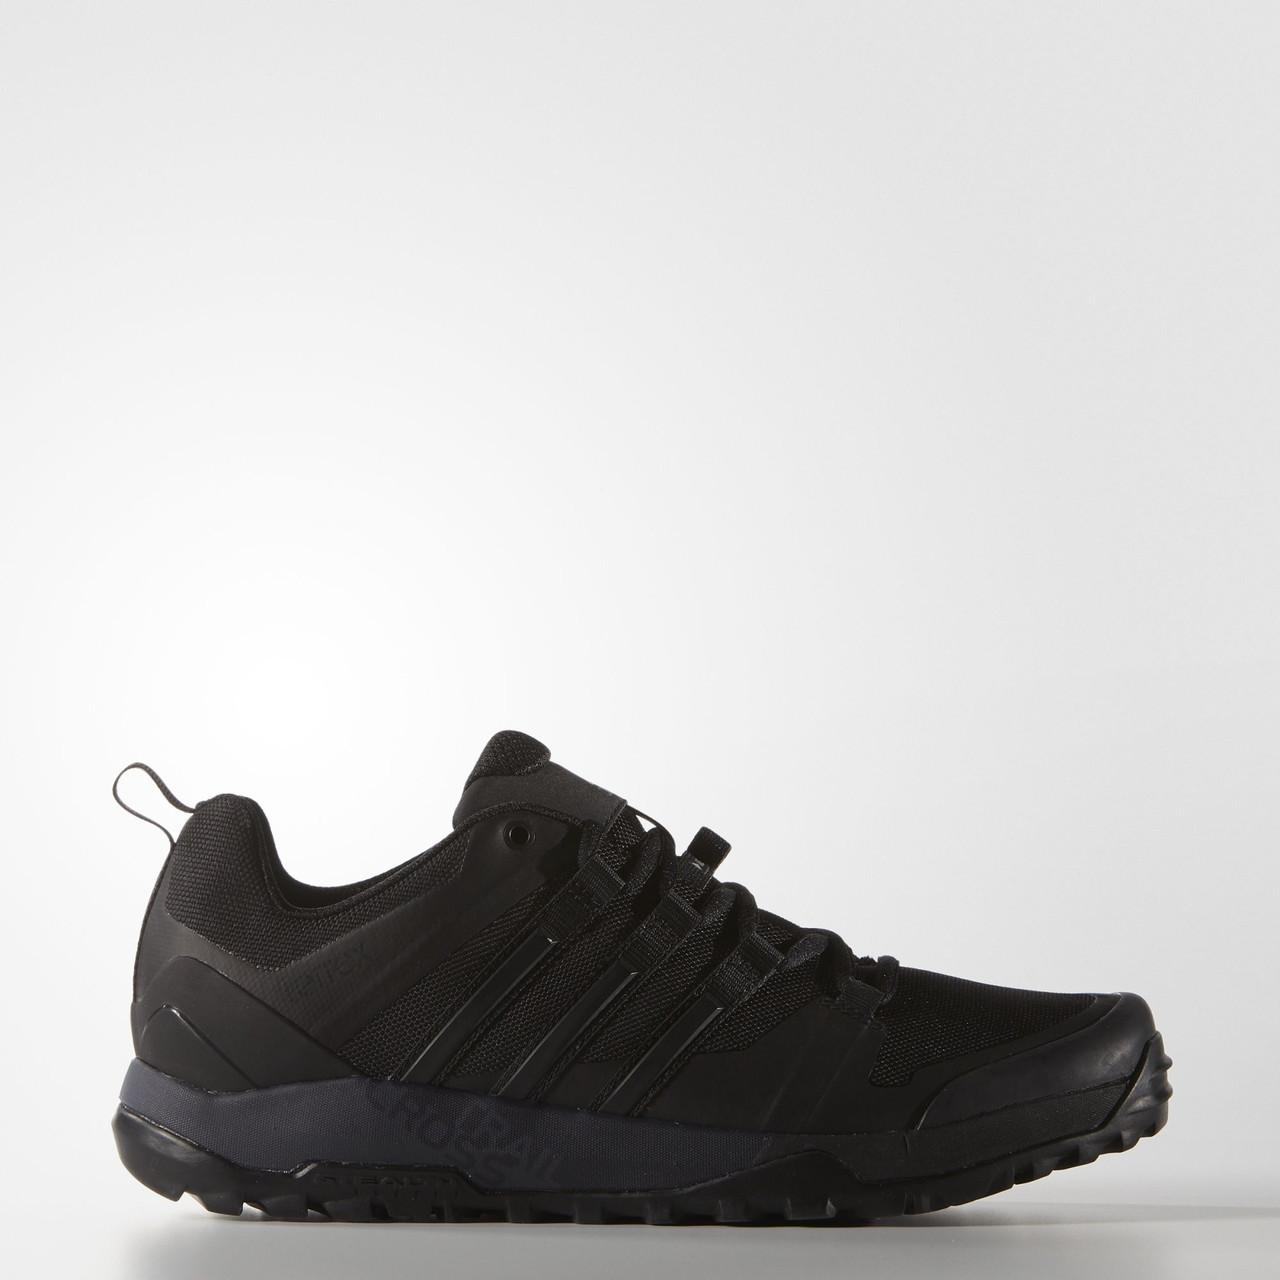 Мужские кроссовки для трейлраннинга Adidas Terrex Trail Cros  оригинал